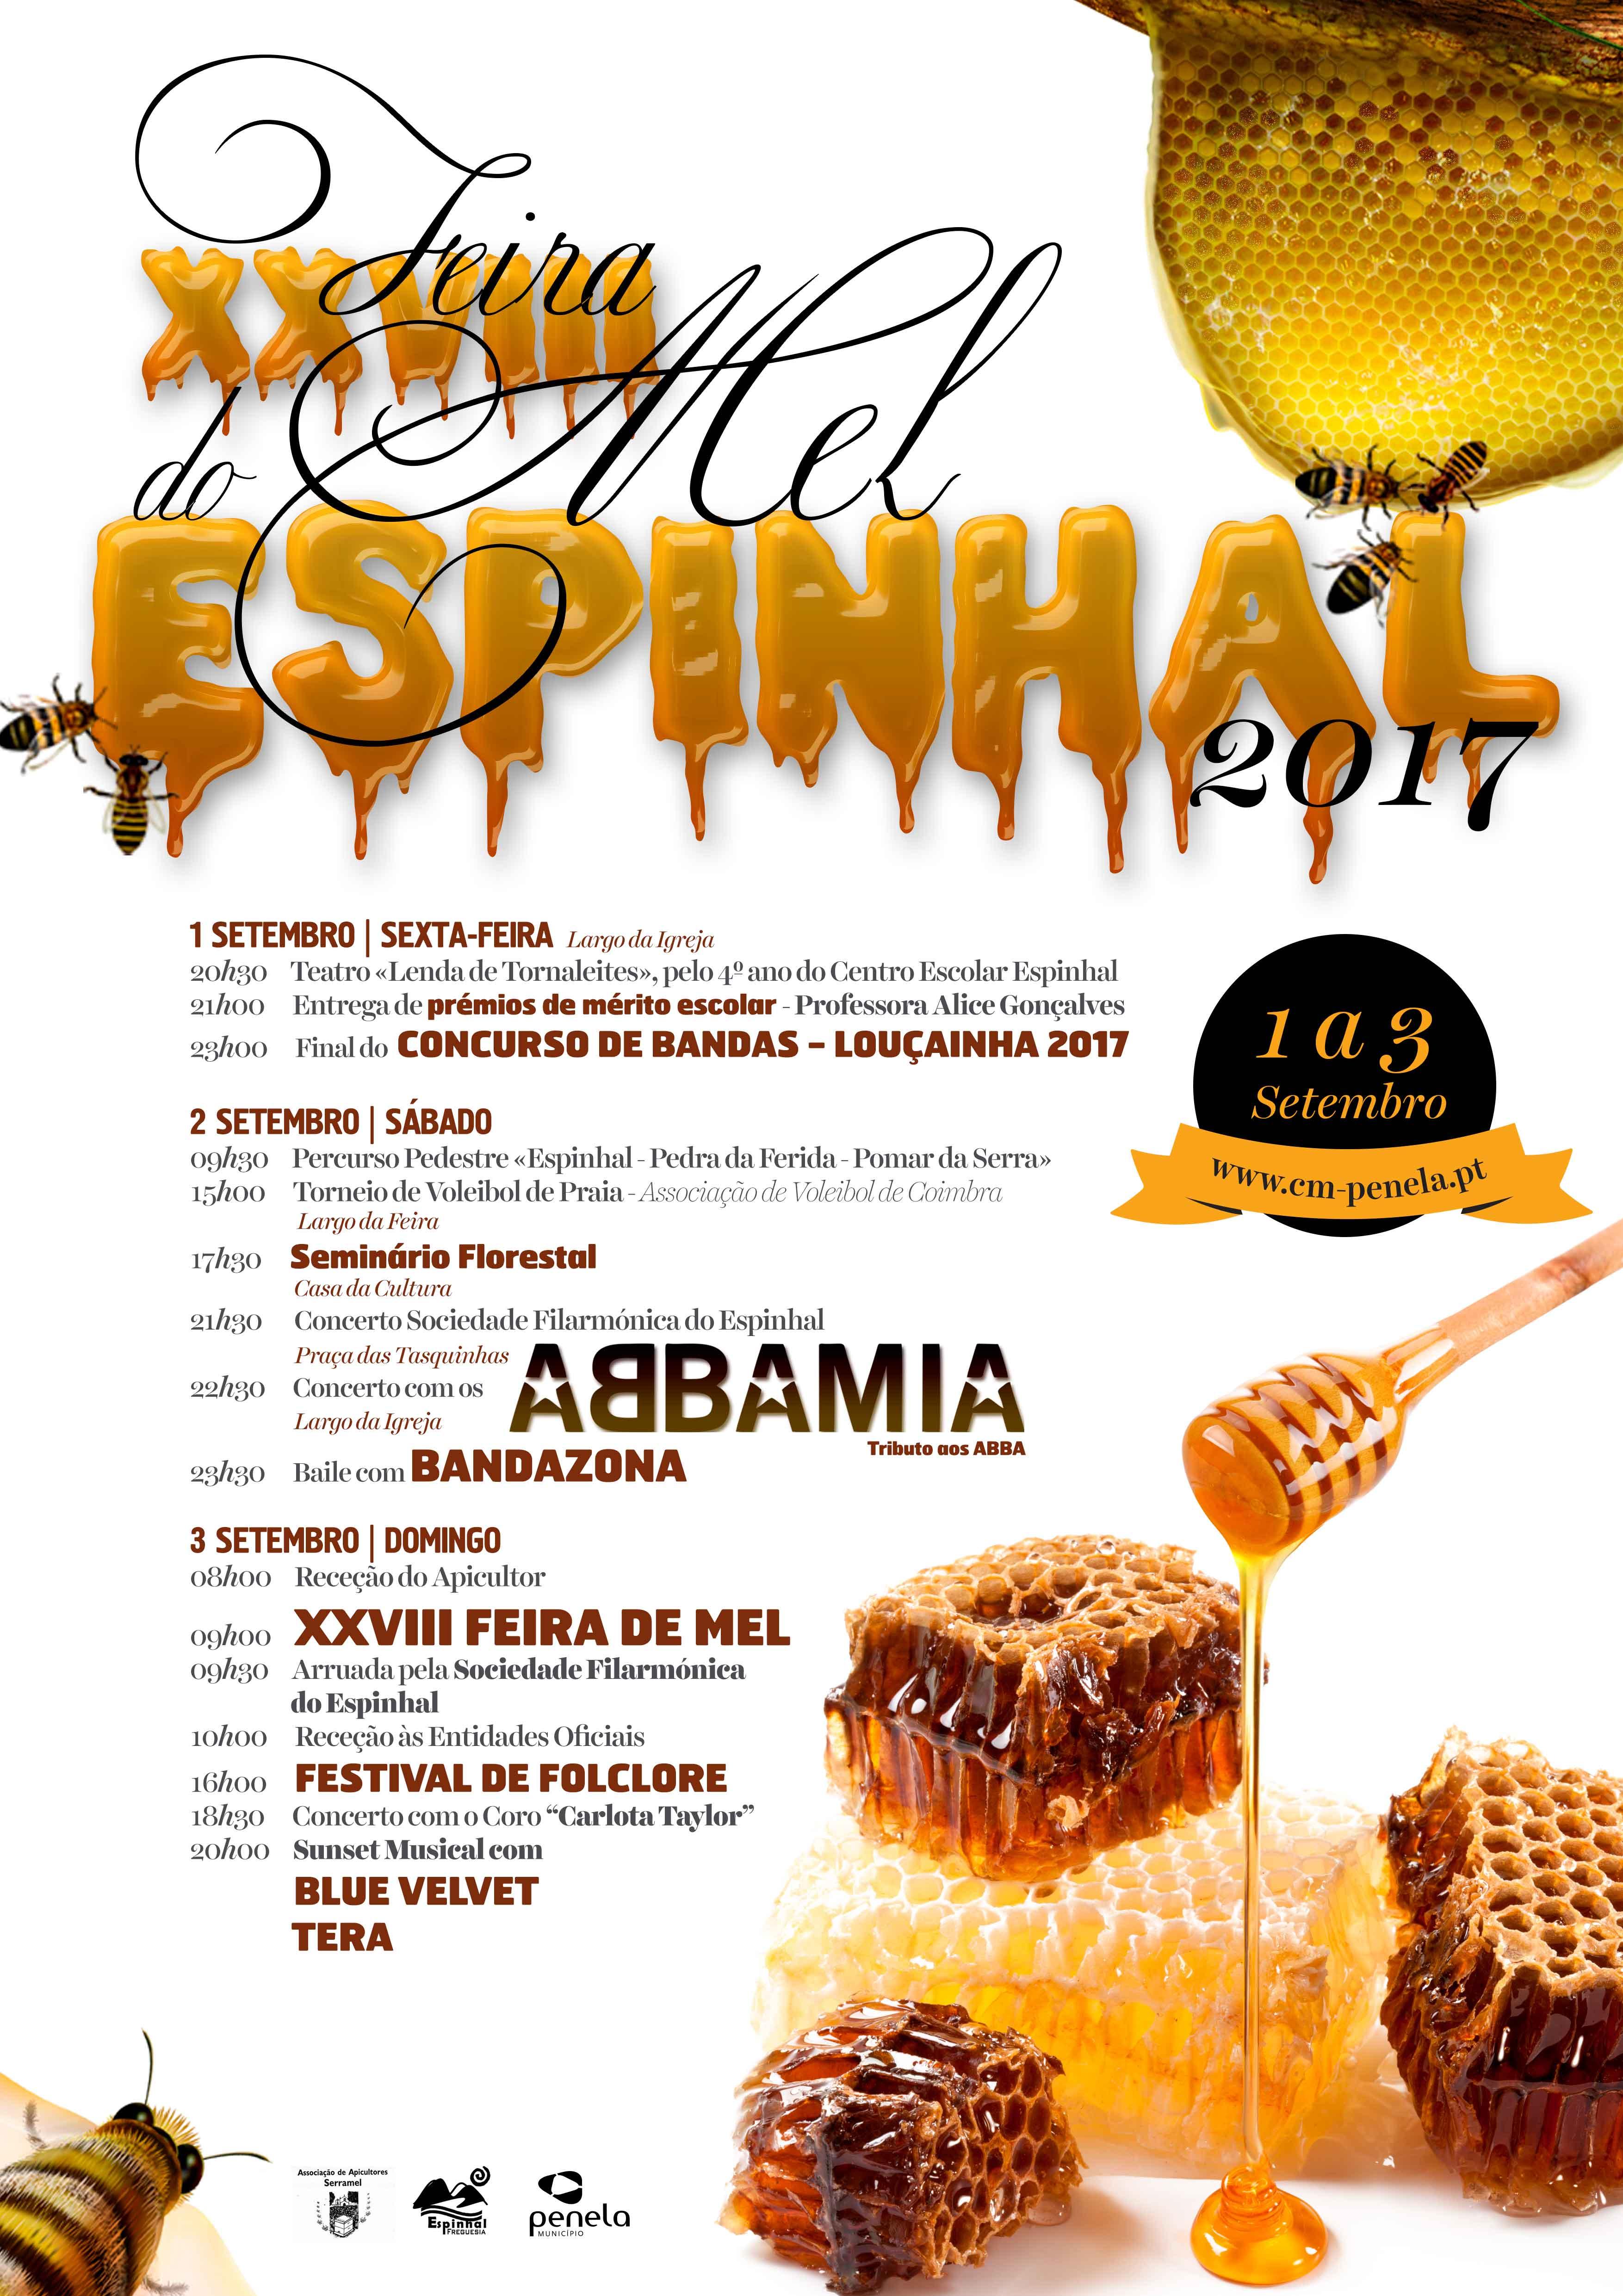 XXVIII FEIRA DE MEL - Espinhal